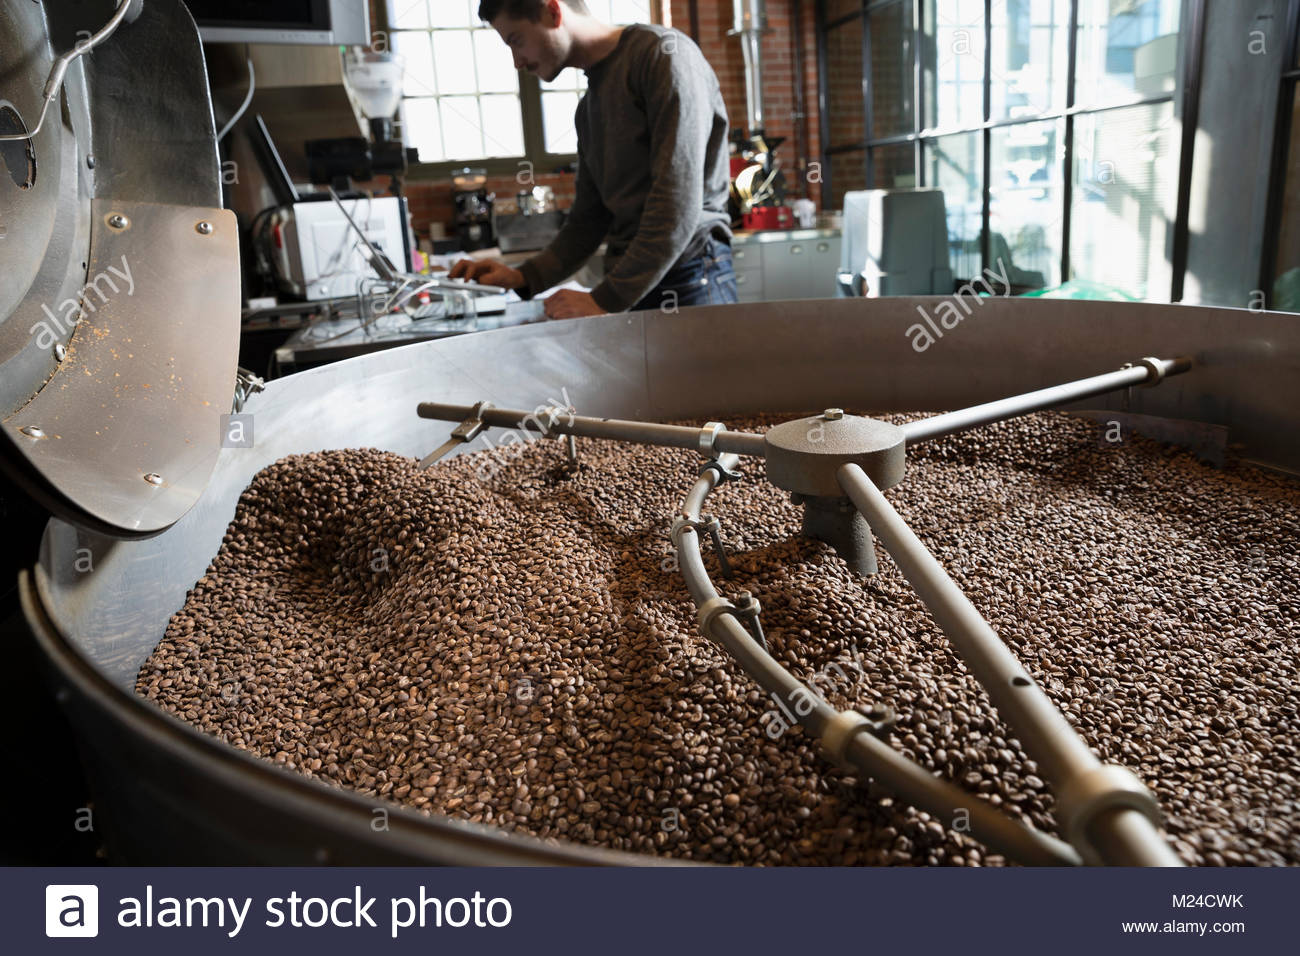 La torréfaction des grains de café au grand café torréfacteur Photo Stock